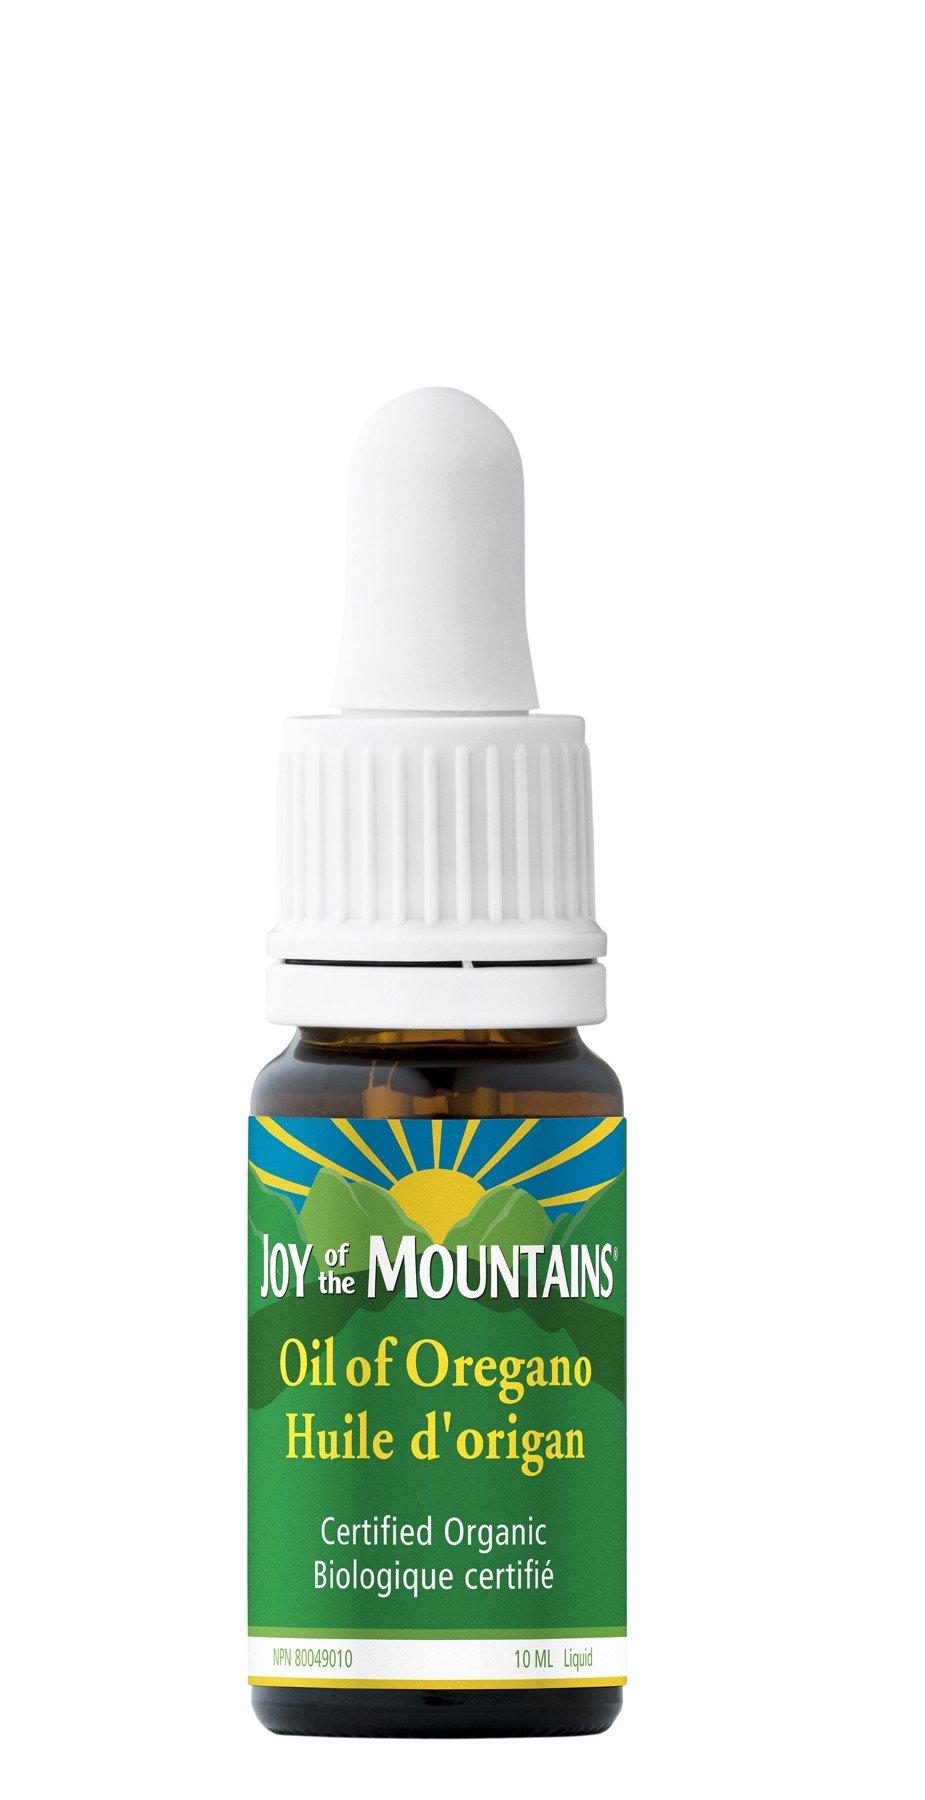 100% Wild Organic Oregano Oil - 10ml / 0.33 OZ